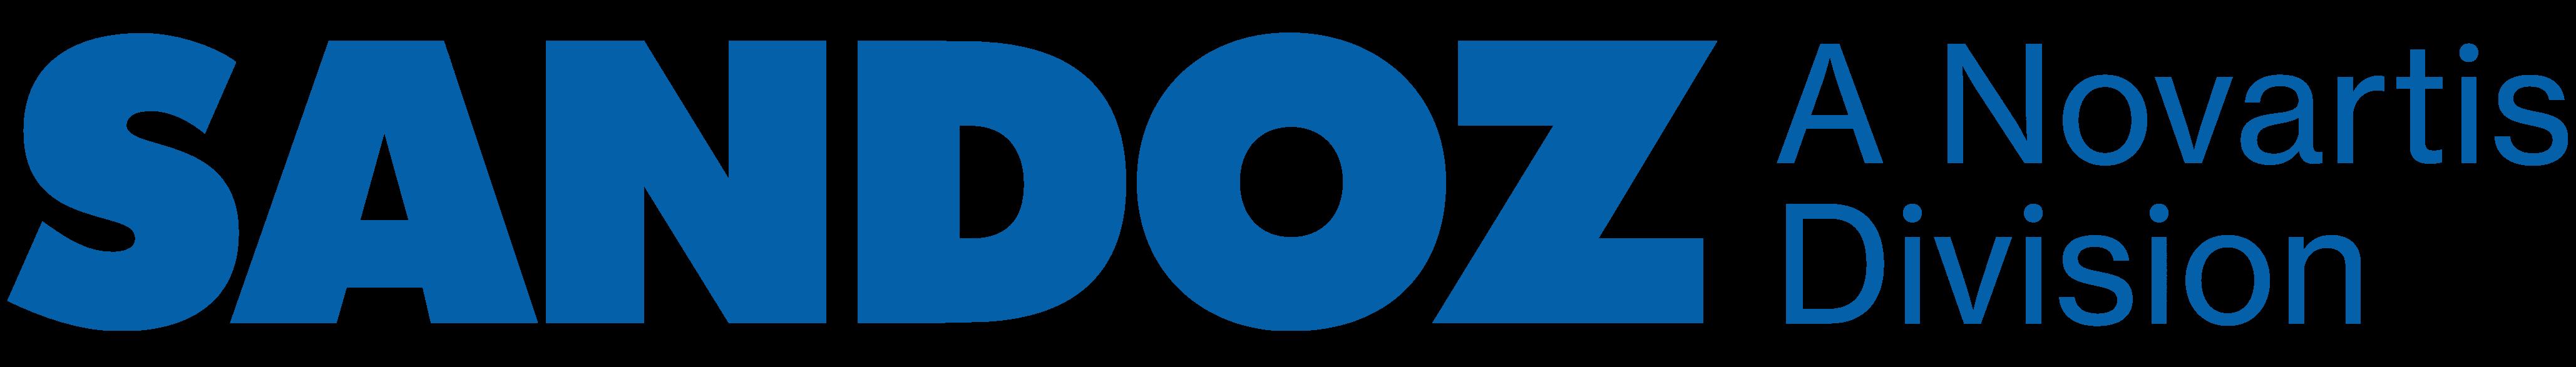 Sandoz_logo_Novartis